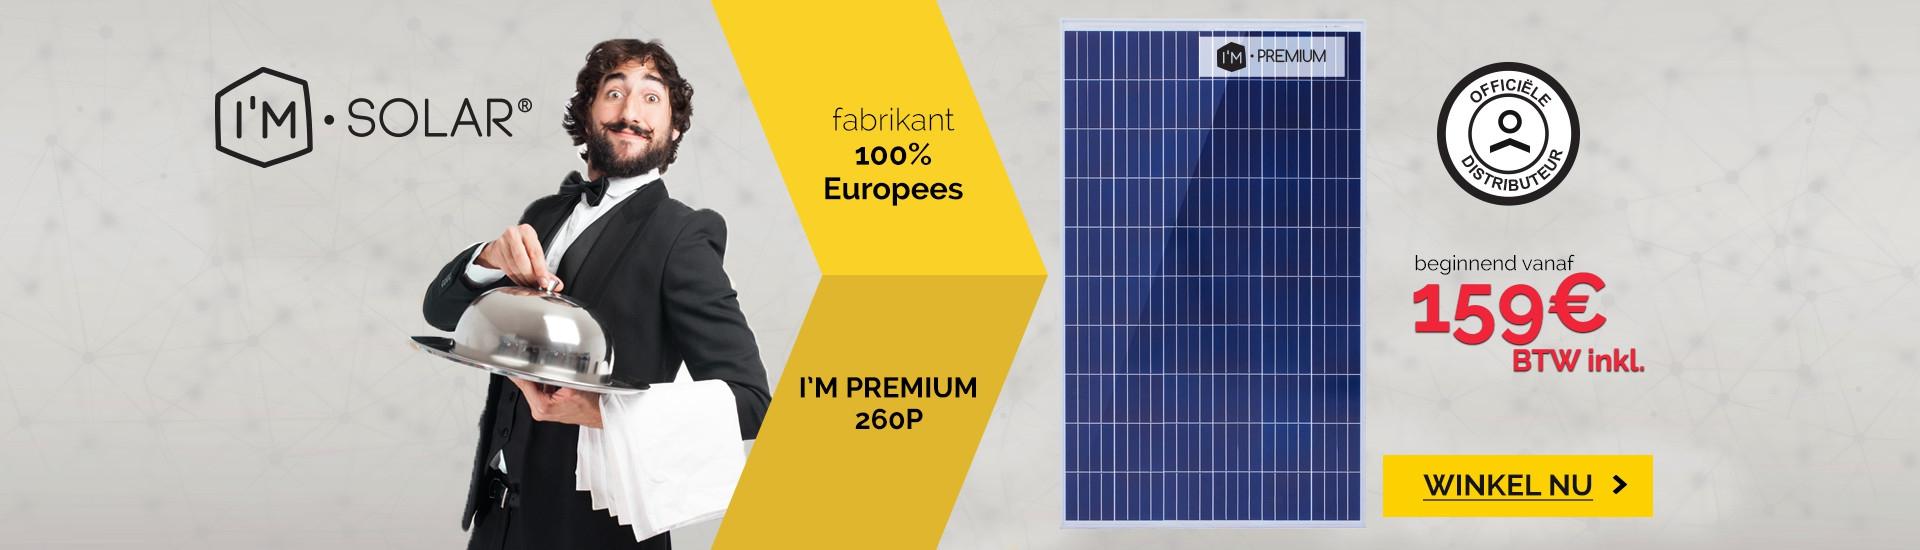 Solarmodulen I'M PREMIUM by I'M SOLAR®